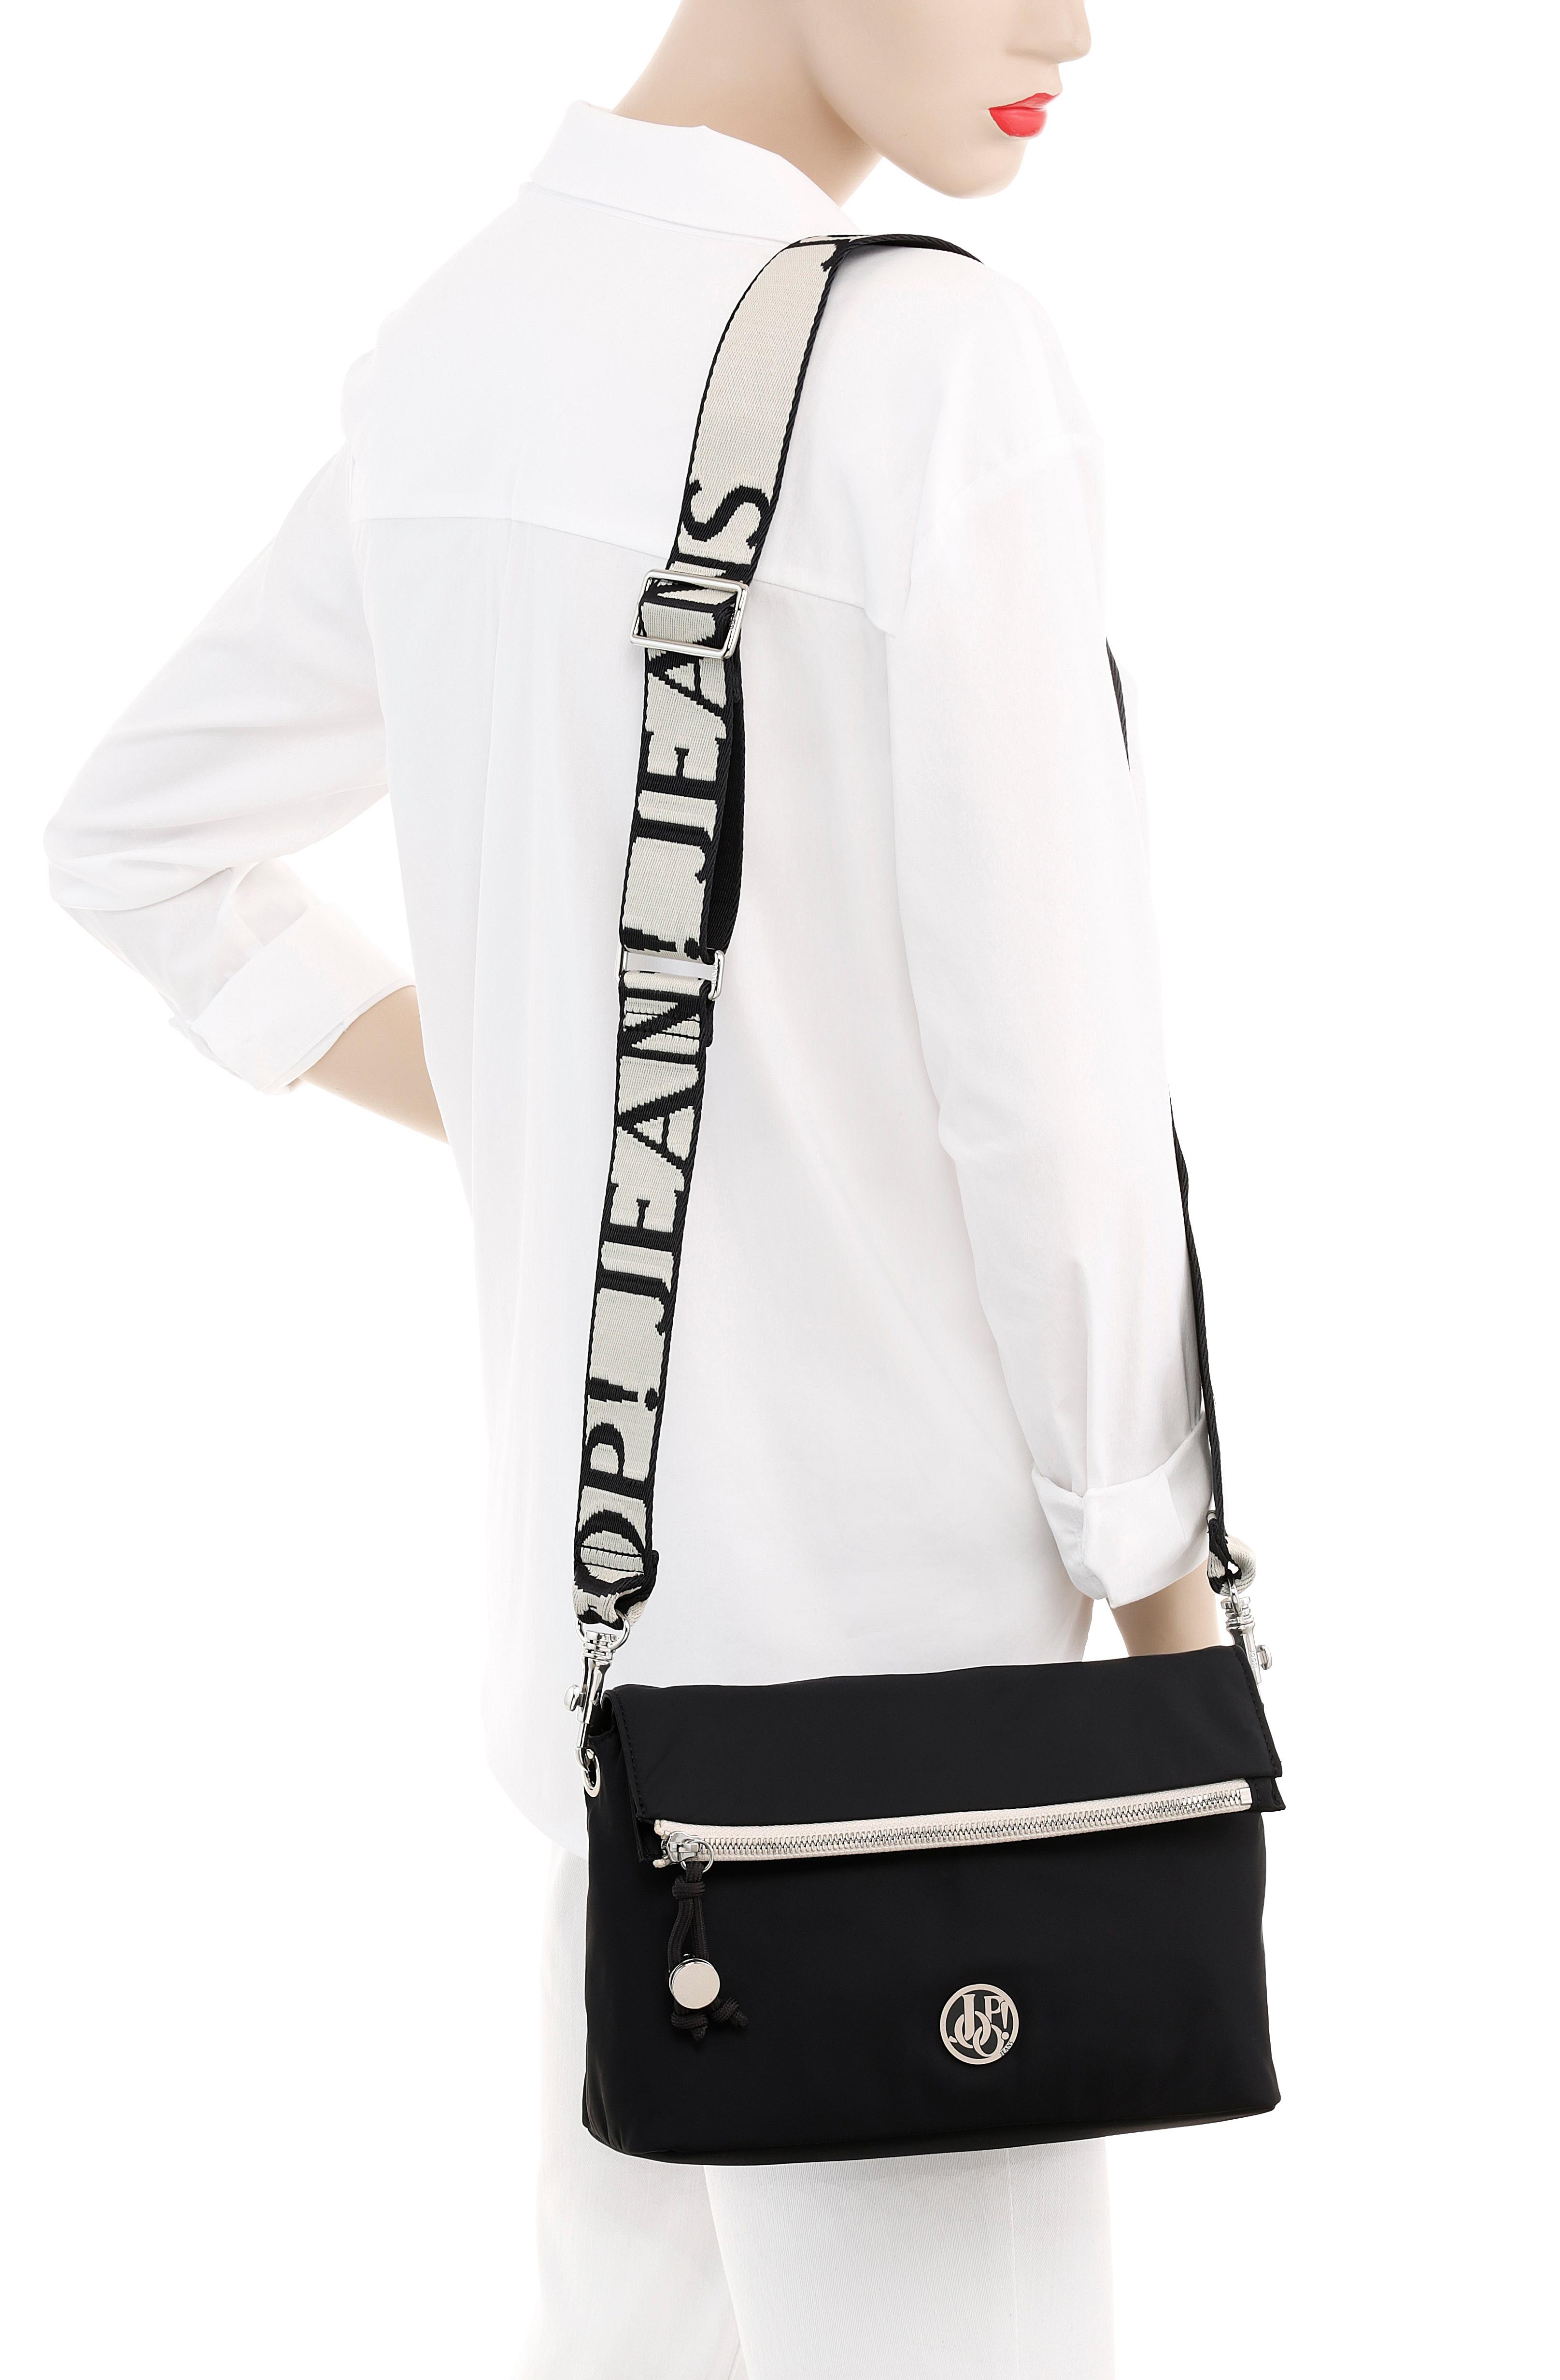 joop jeans -  Umhängetasche lietissimo lani shoulderbag shz, mit modischem Logo Schriftzug auf dem Umhängeriemen